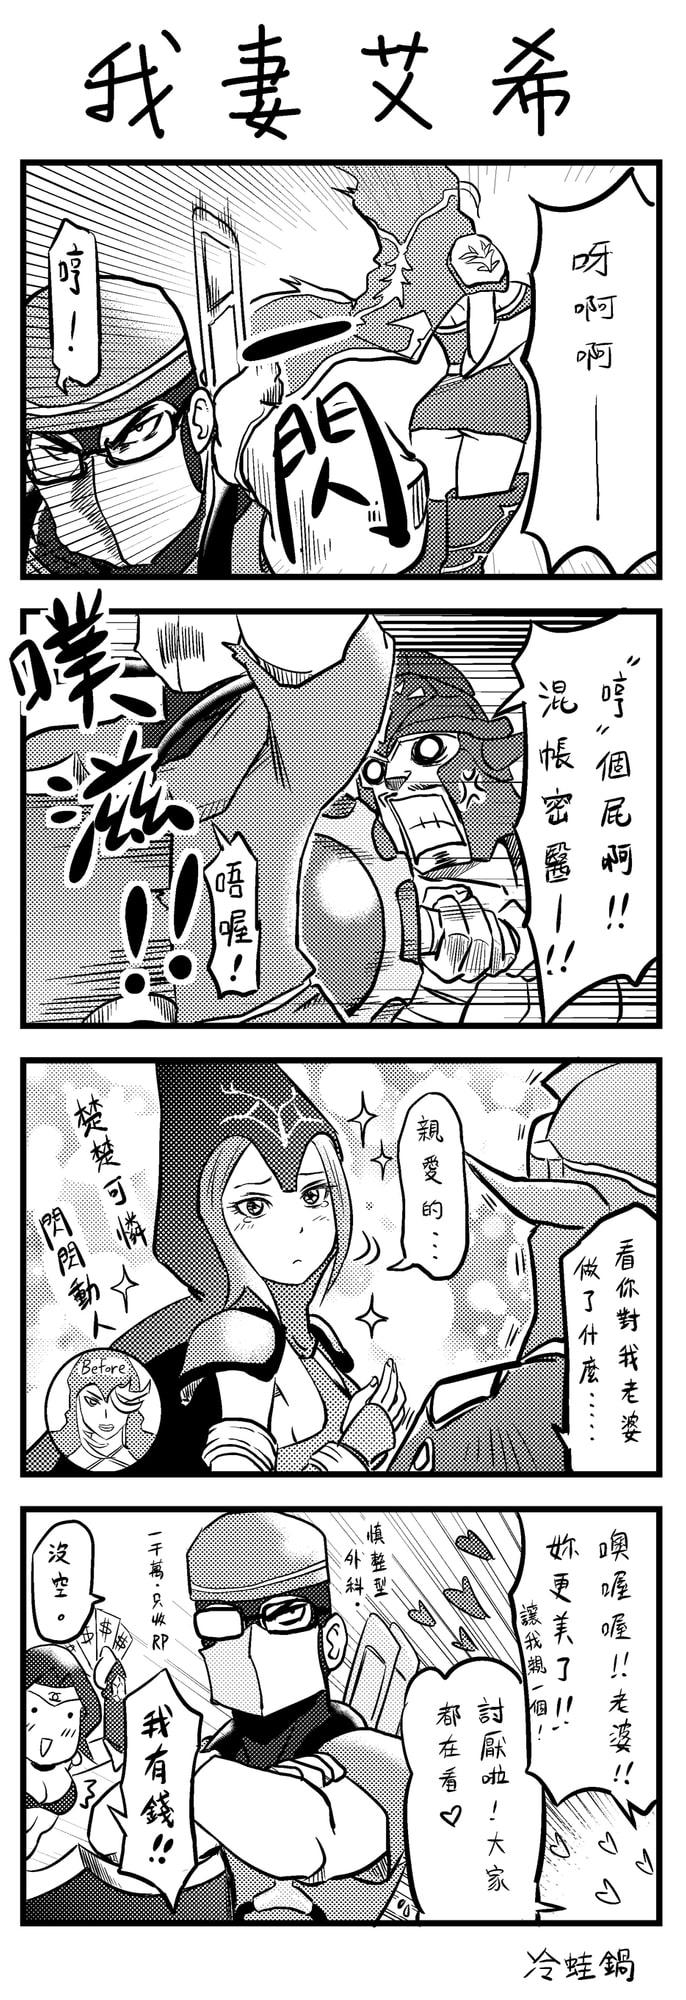 冷蛙鍋-清新で健康 Lea○ue of Legends四コマ漫画